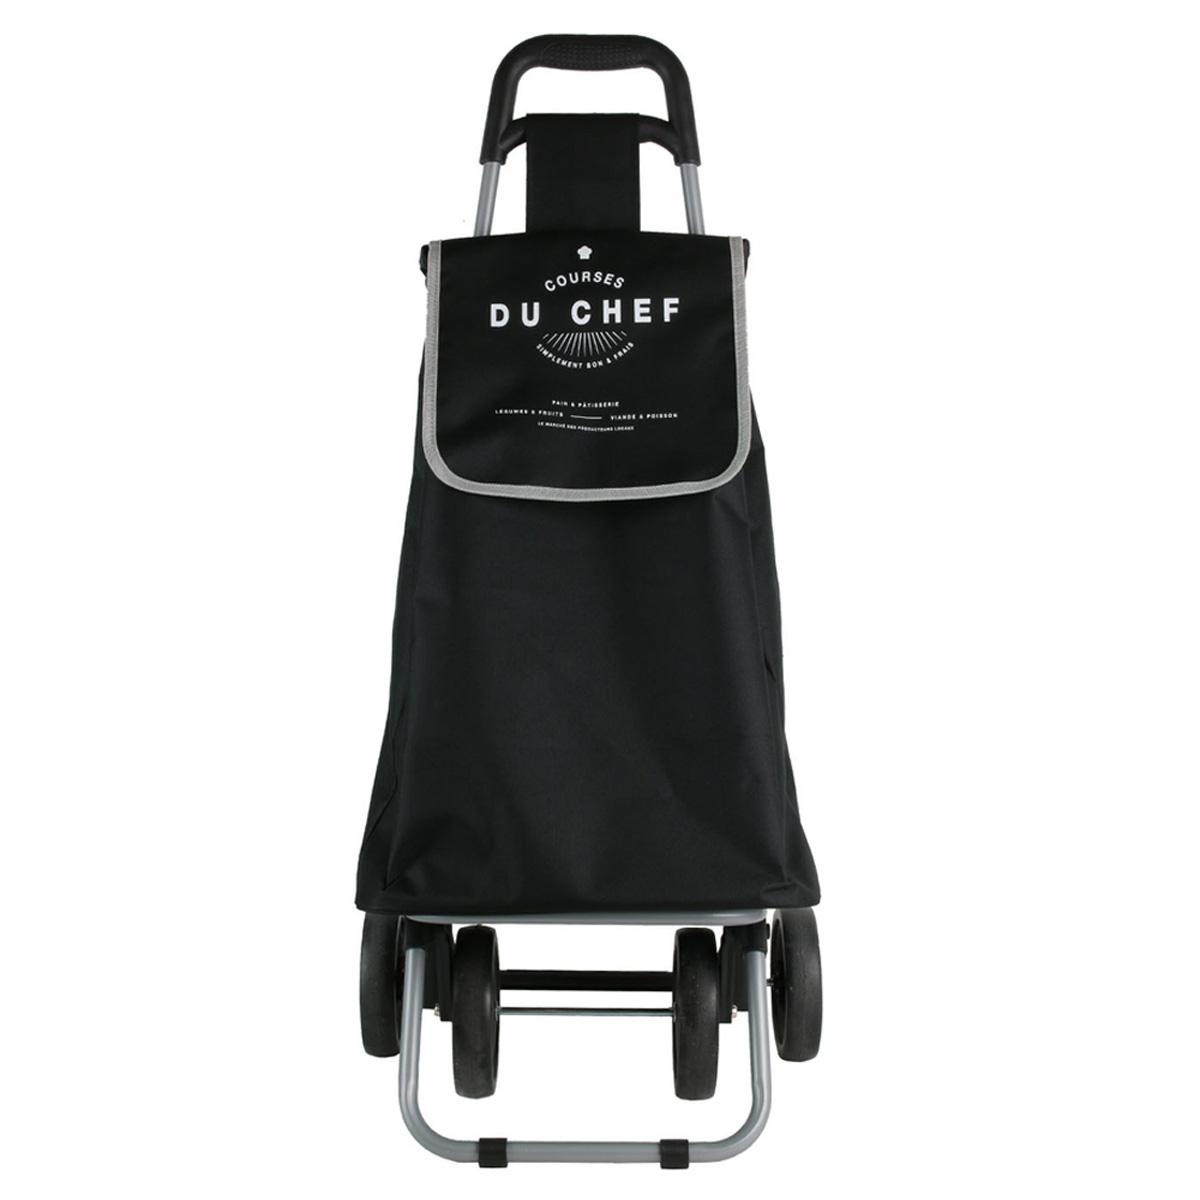 Caddy de course / Chariot shopping pliable \'Courses du Chef\' noir - 4 roues - [R0350]